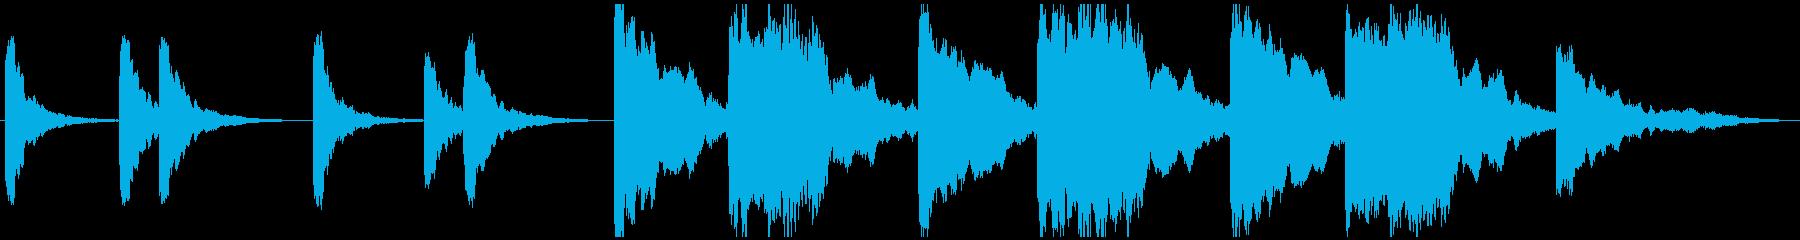 シーケンス ベントリアリティピアノ01の再生済みの波形